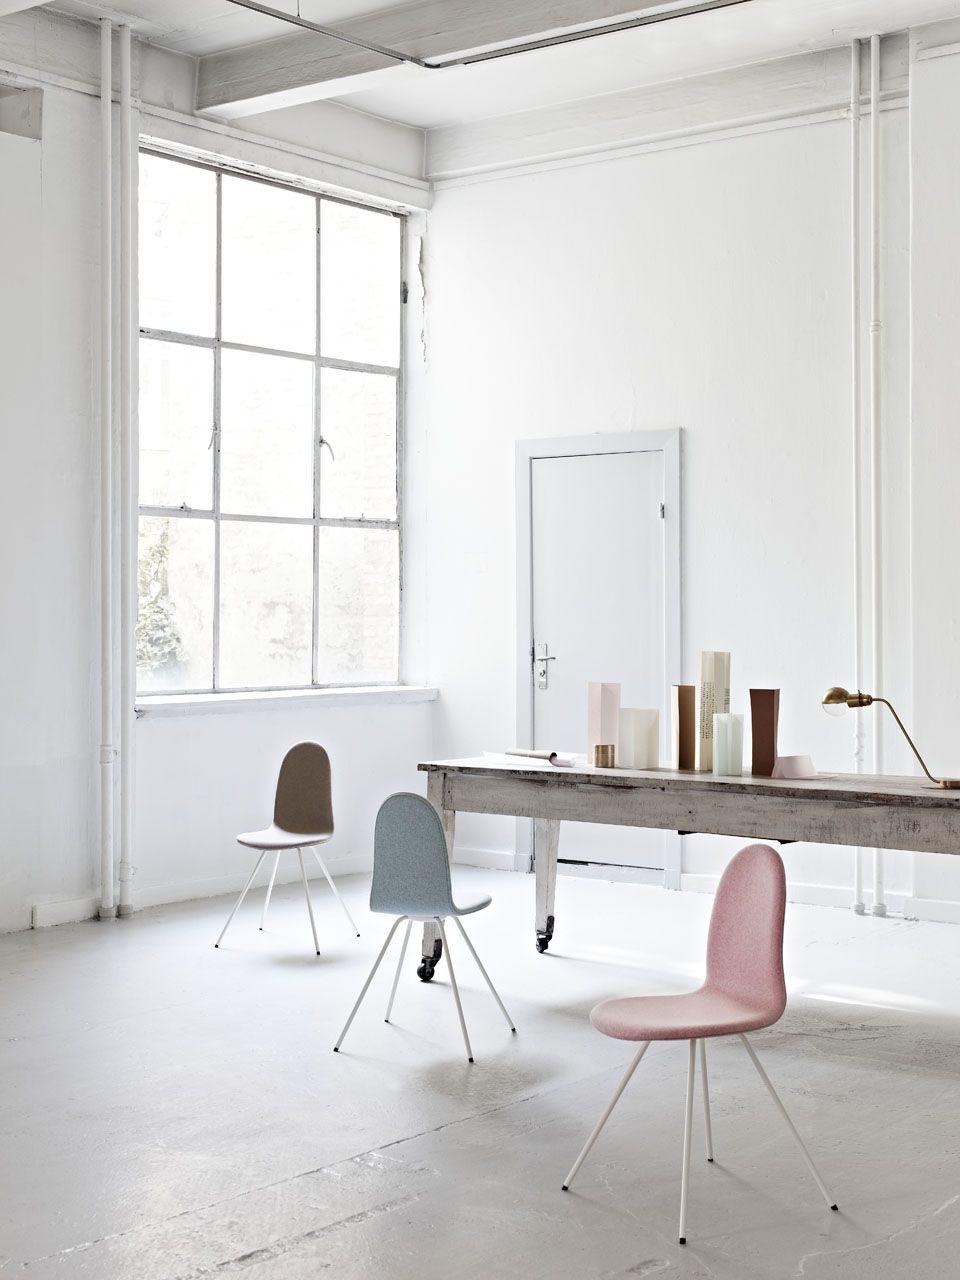 Réédition Arne Jacobsen |MilK decoration